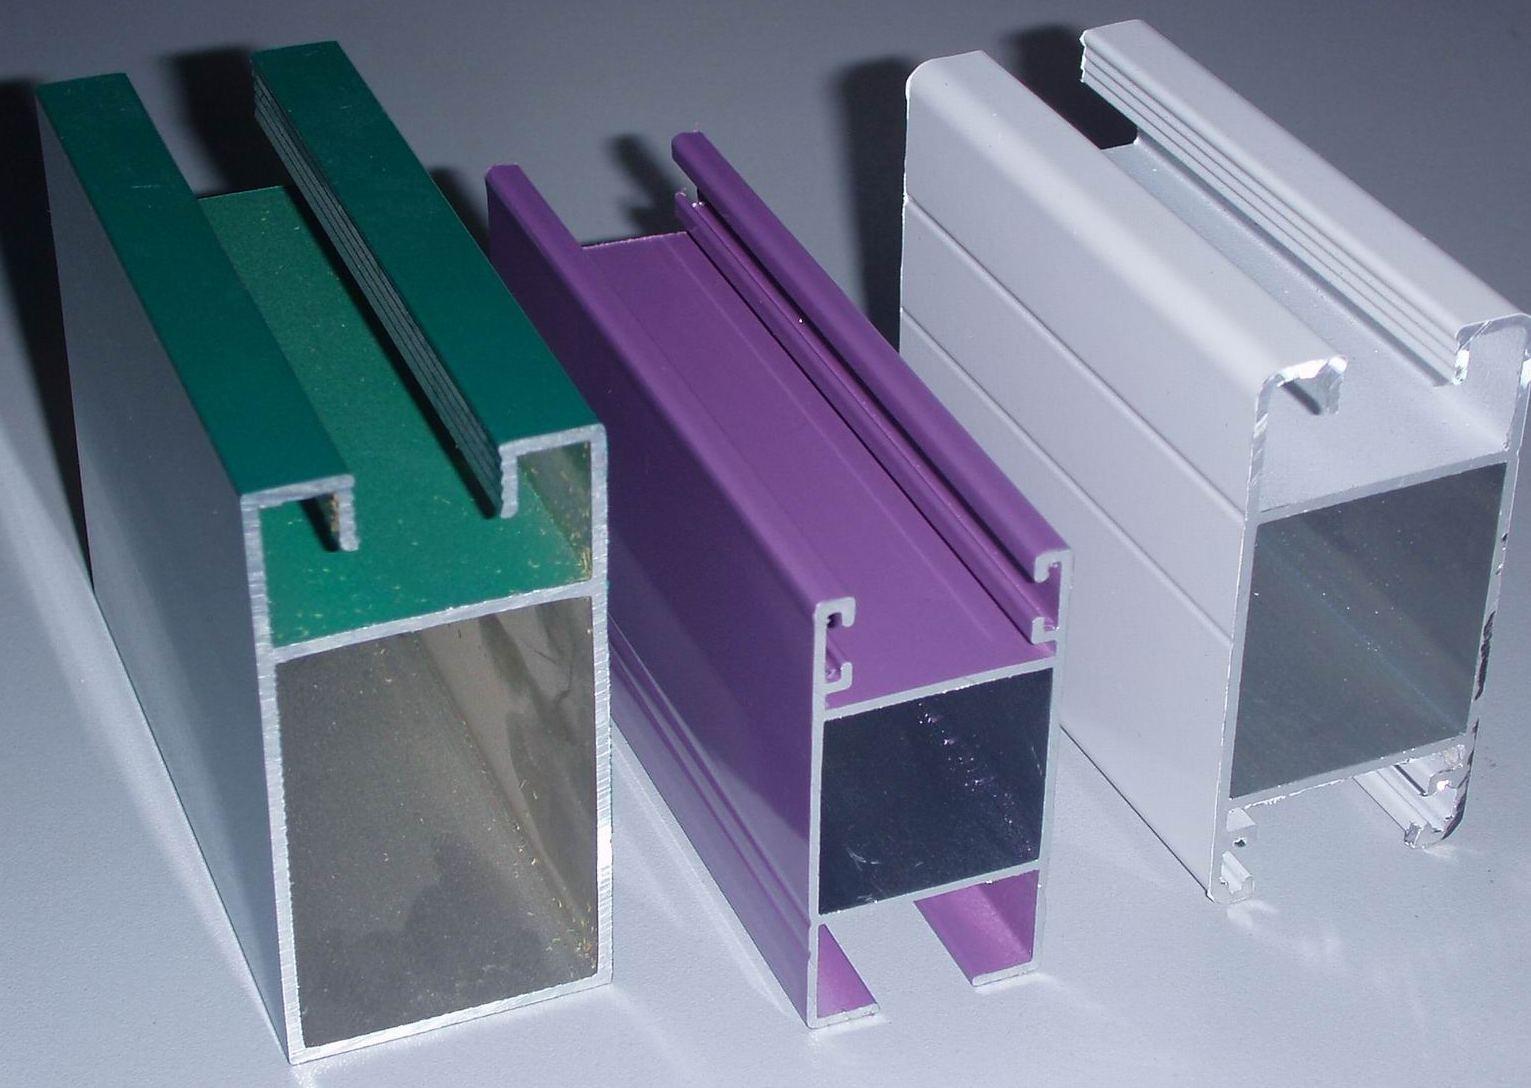 خرید درب و پنجره دوجداره upvc لمینت رنگی کرج